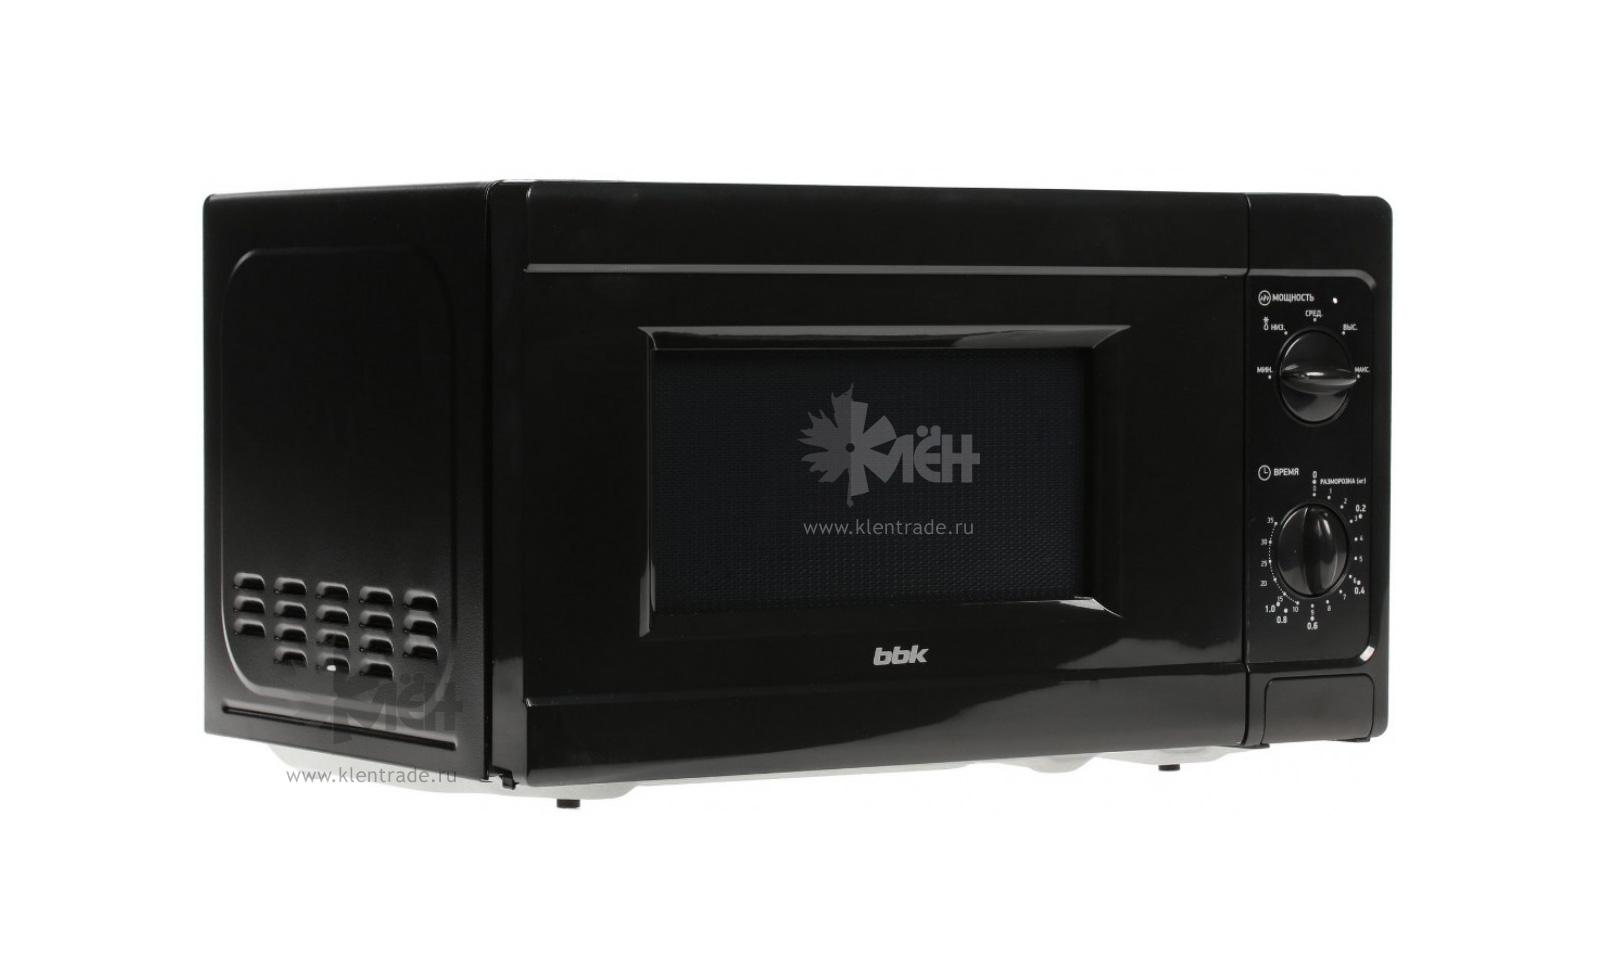 микроволновая печь Bbk 20мwс 709м B